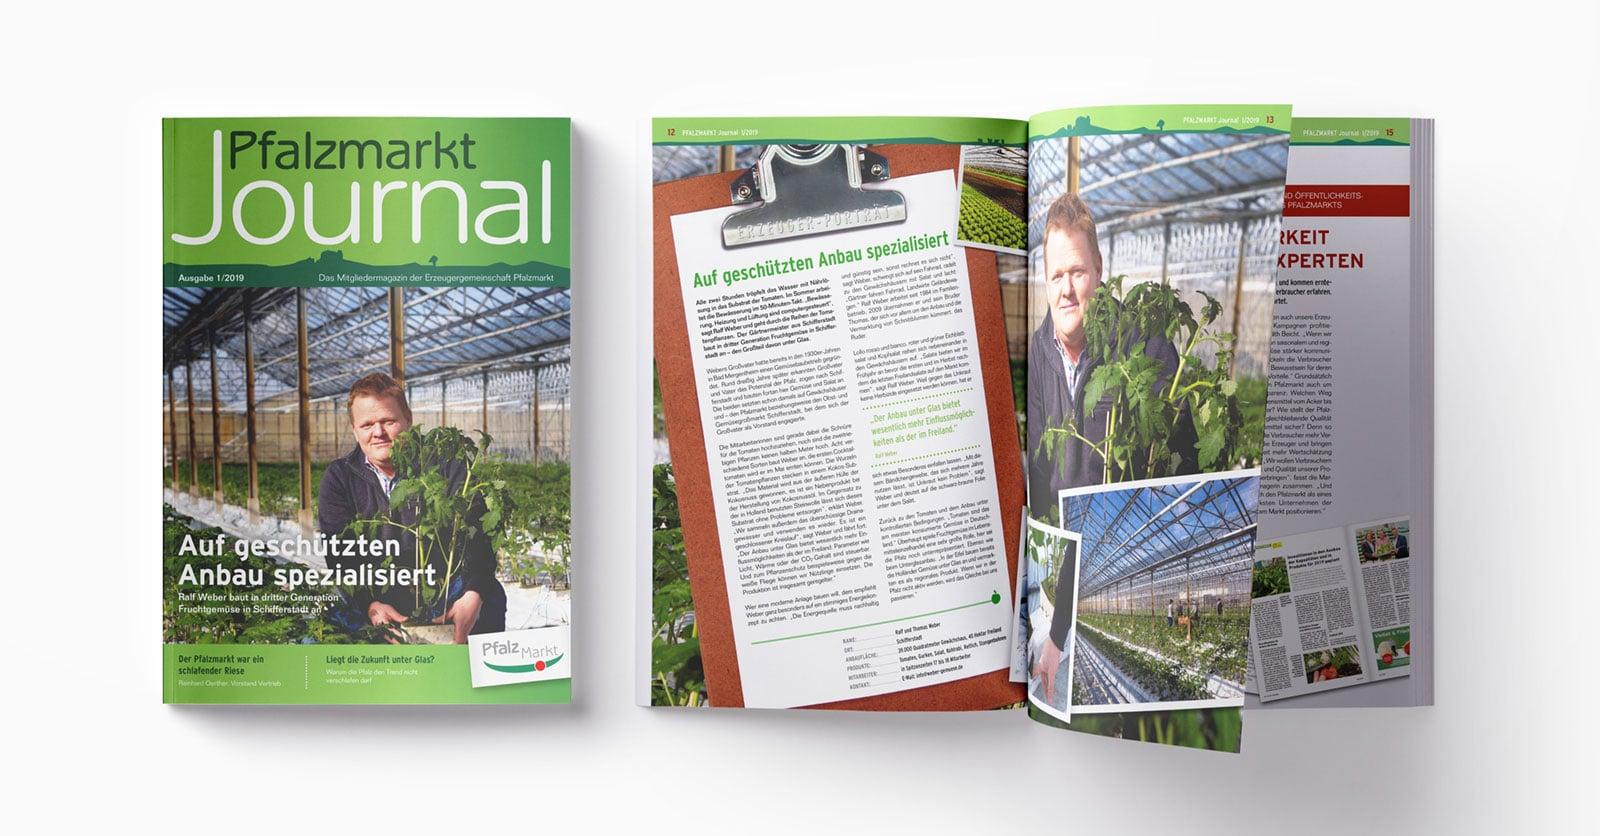 Pfalzmarkt Journal Ausgabe 1-2019